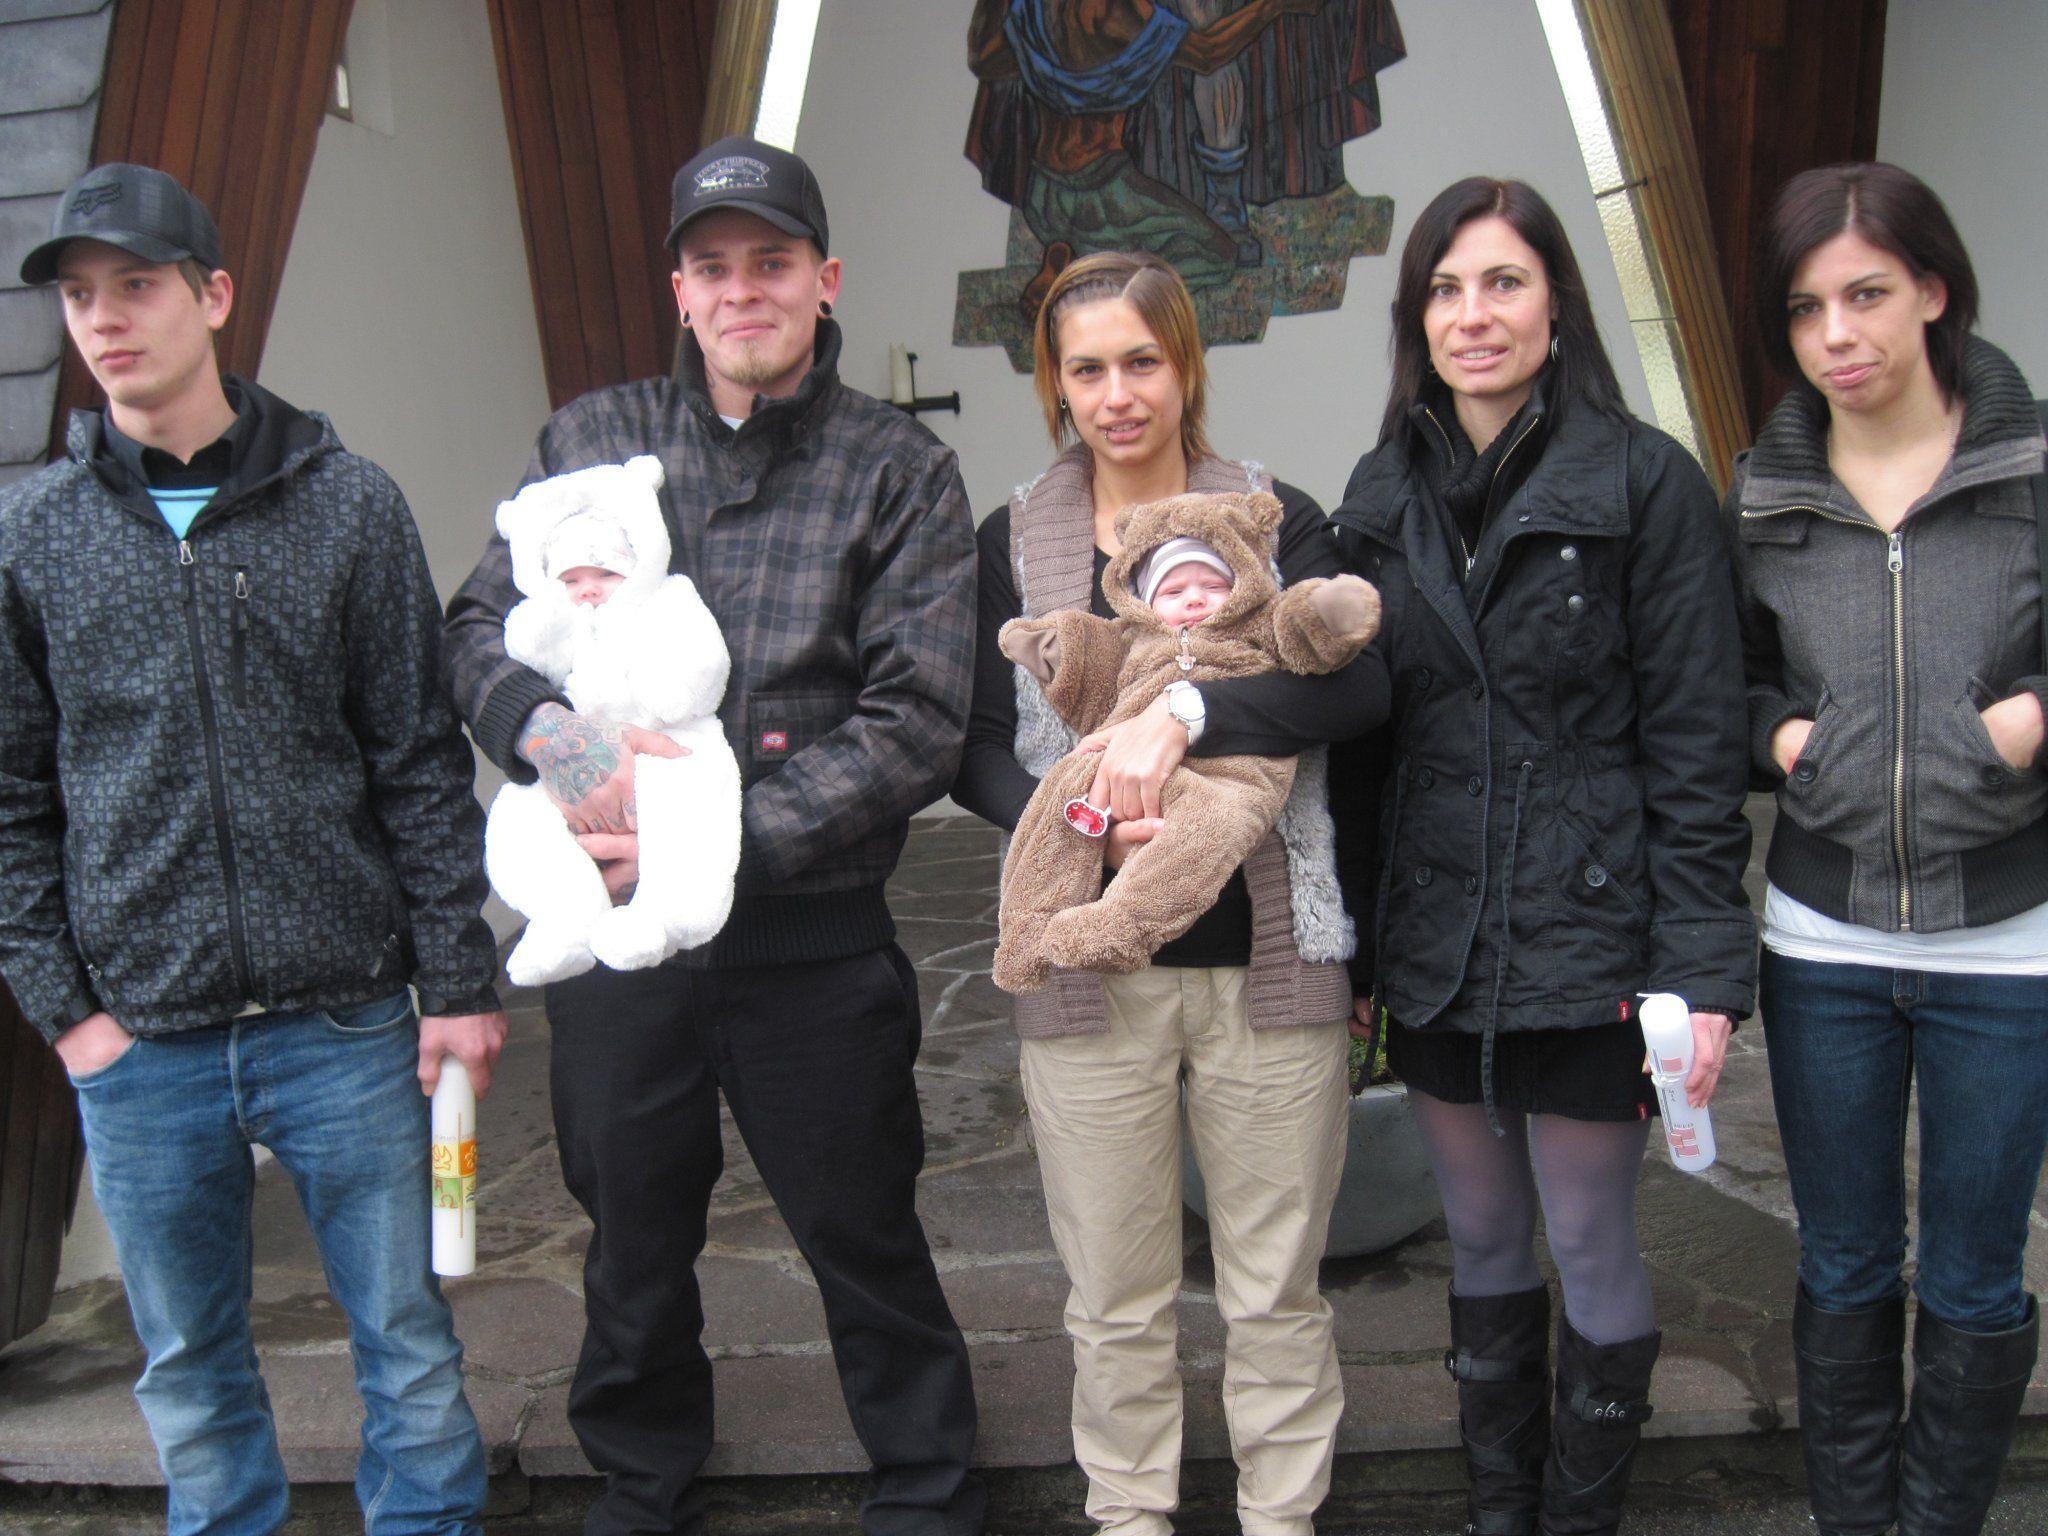 Mia Roswitha und Sophia Helen Pichler wurden in der Pfarrkirche getauft